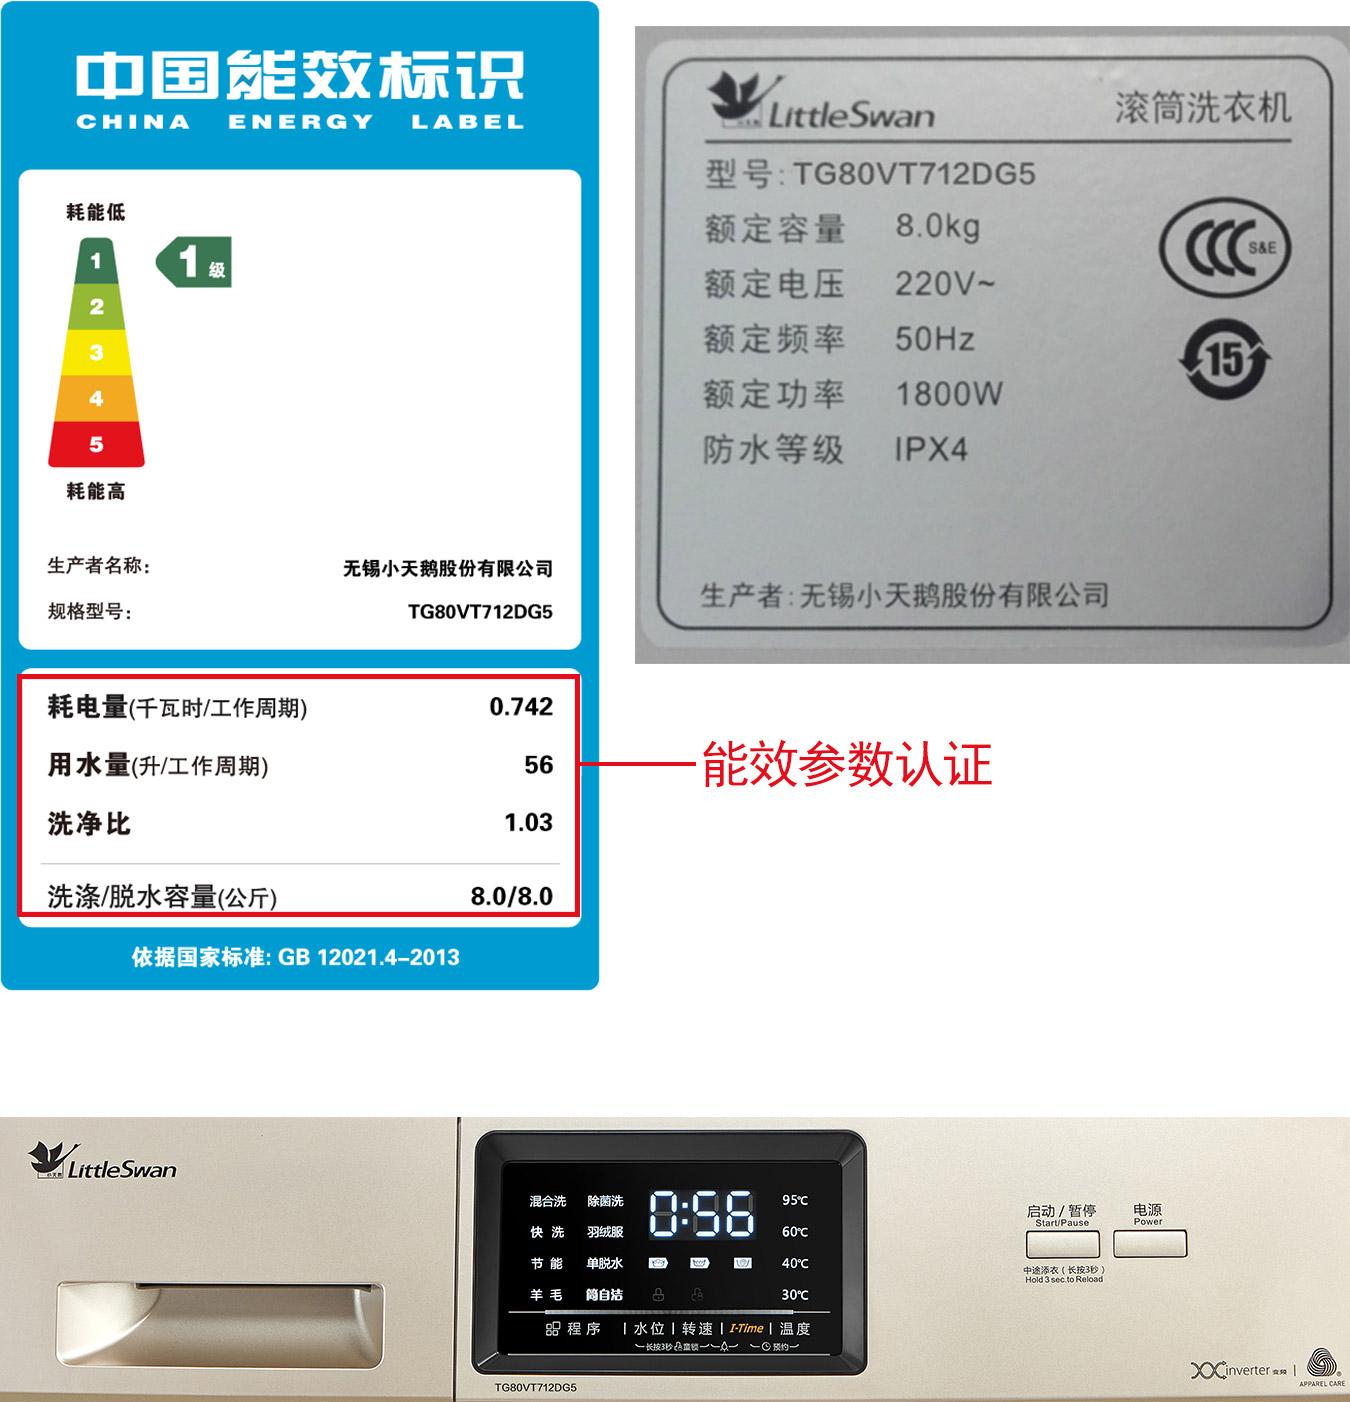 TG80VT712DG5 全自动变频智能静音滚筒家用洗衣机 KG 公斤 8 小天鹅